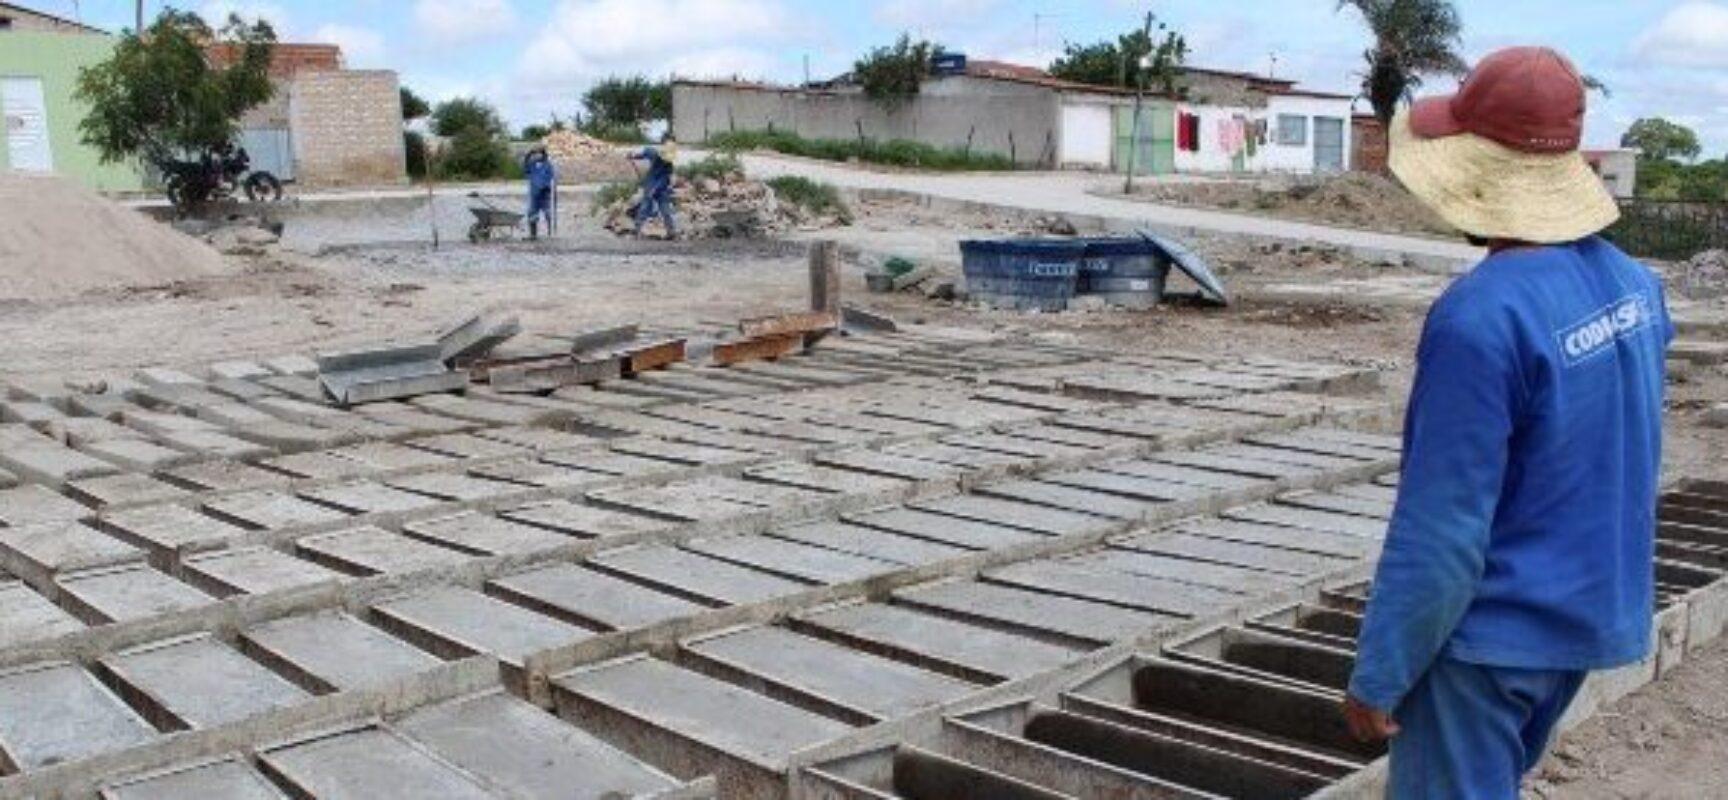 Governo federal autoriza, por meio da Codevasf, obras de pavimentação em municípios do Norte da Bahia; investimentos são de R$ 19 milhões